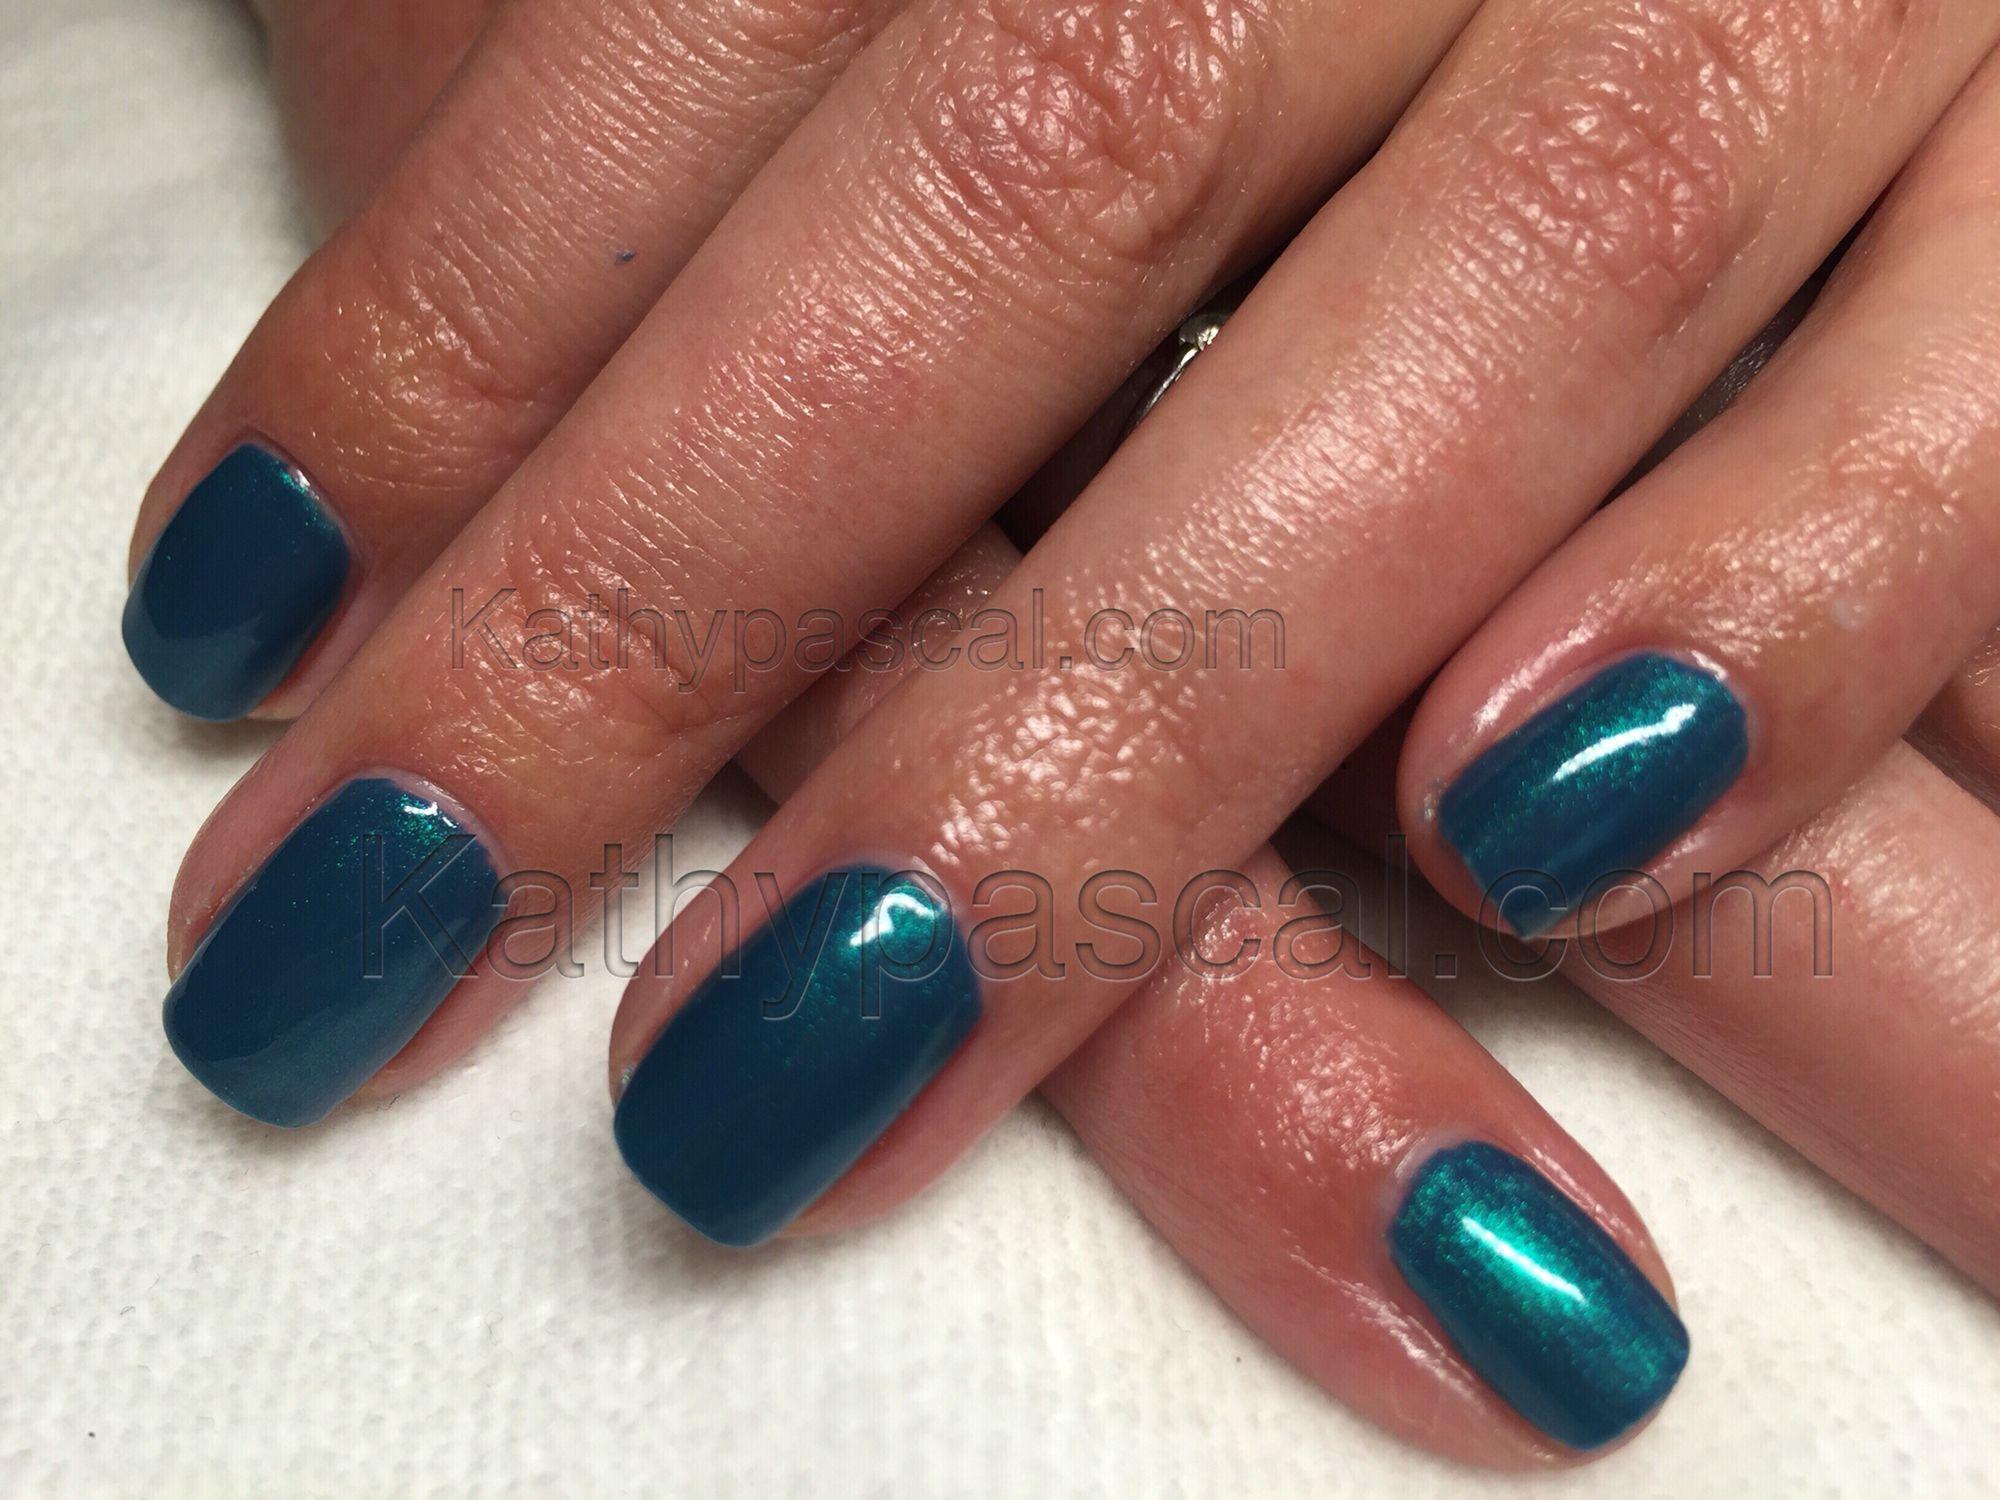 CND Shellac layering Hotski To Tchotchke and Blue Rapture | Nails ...